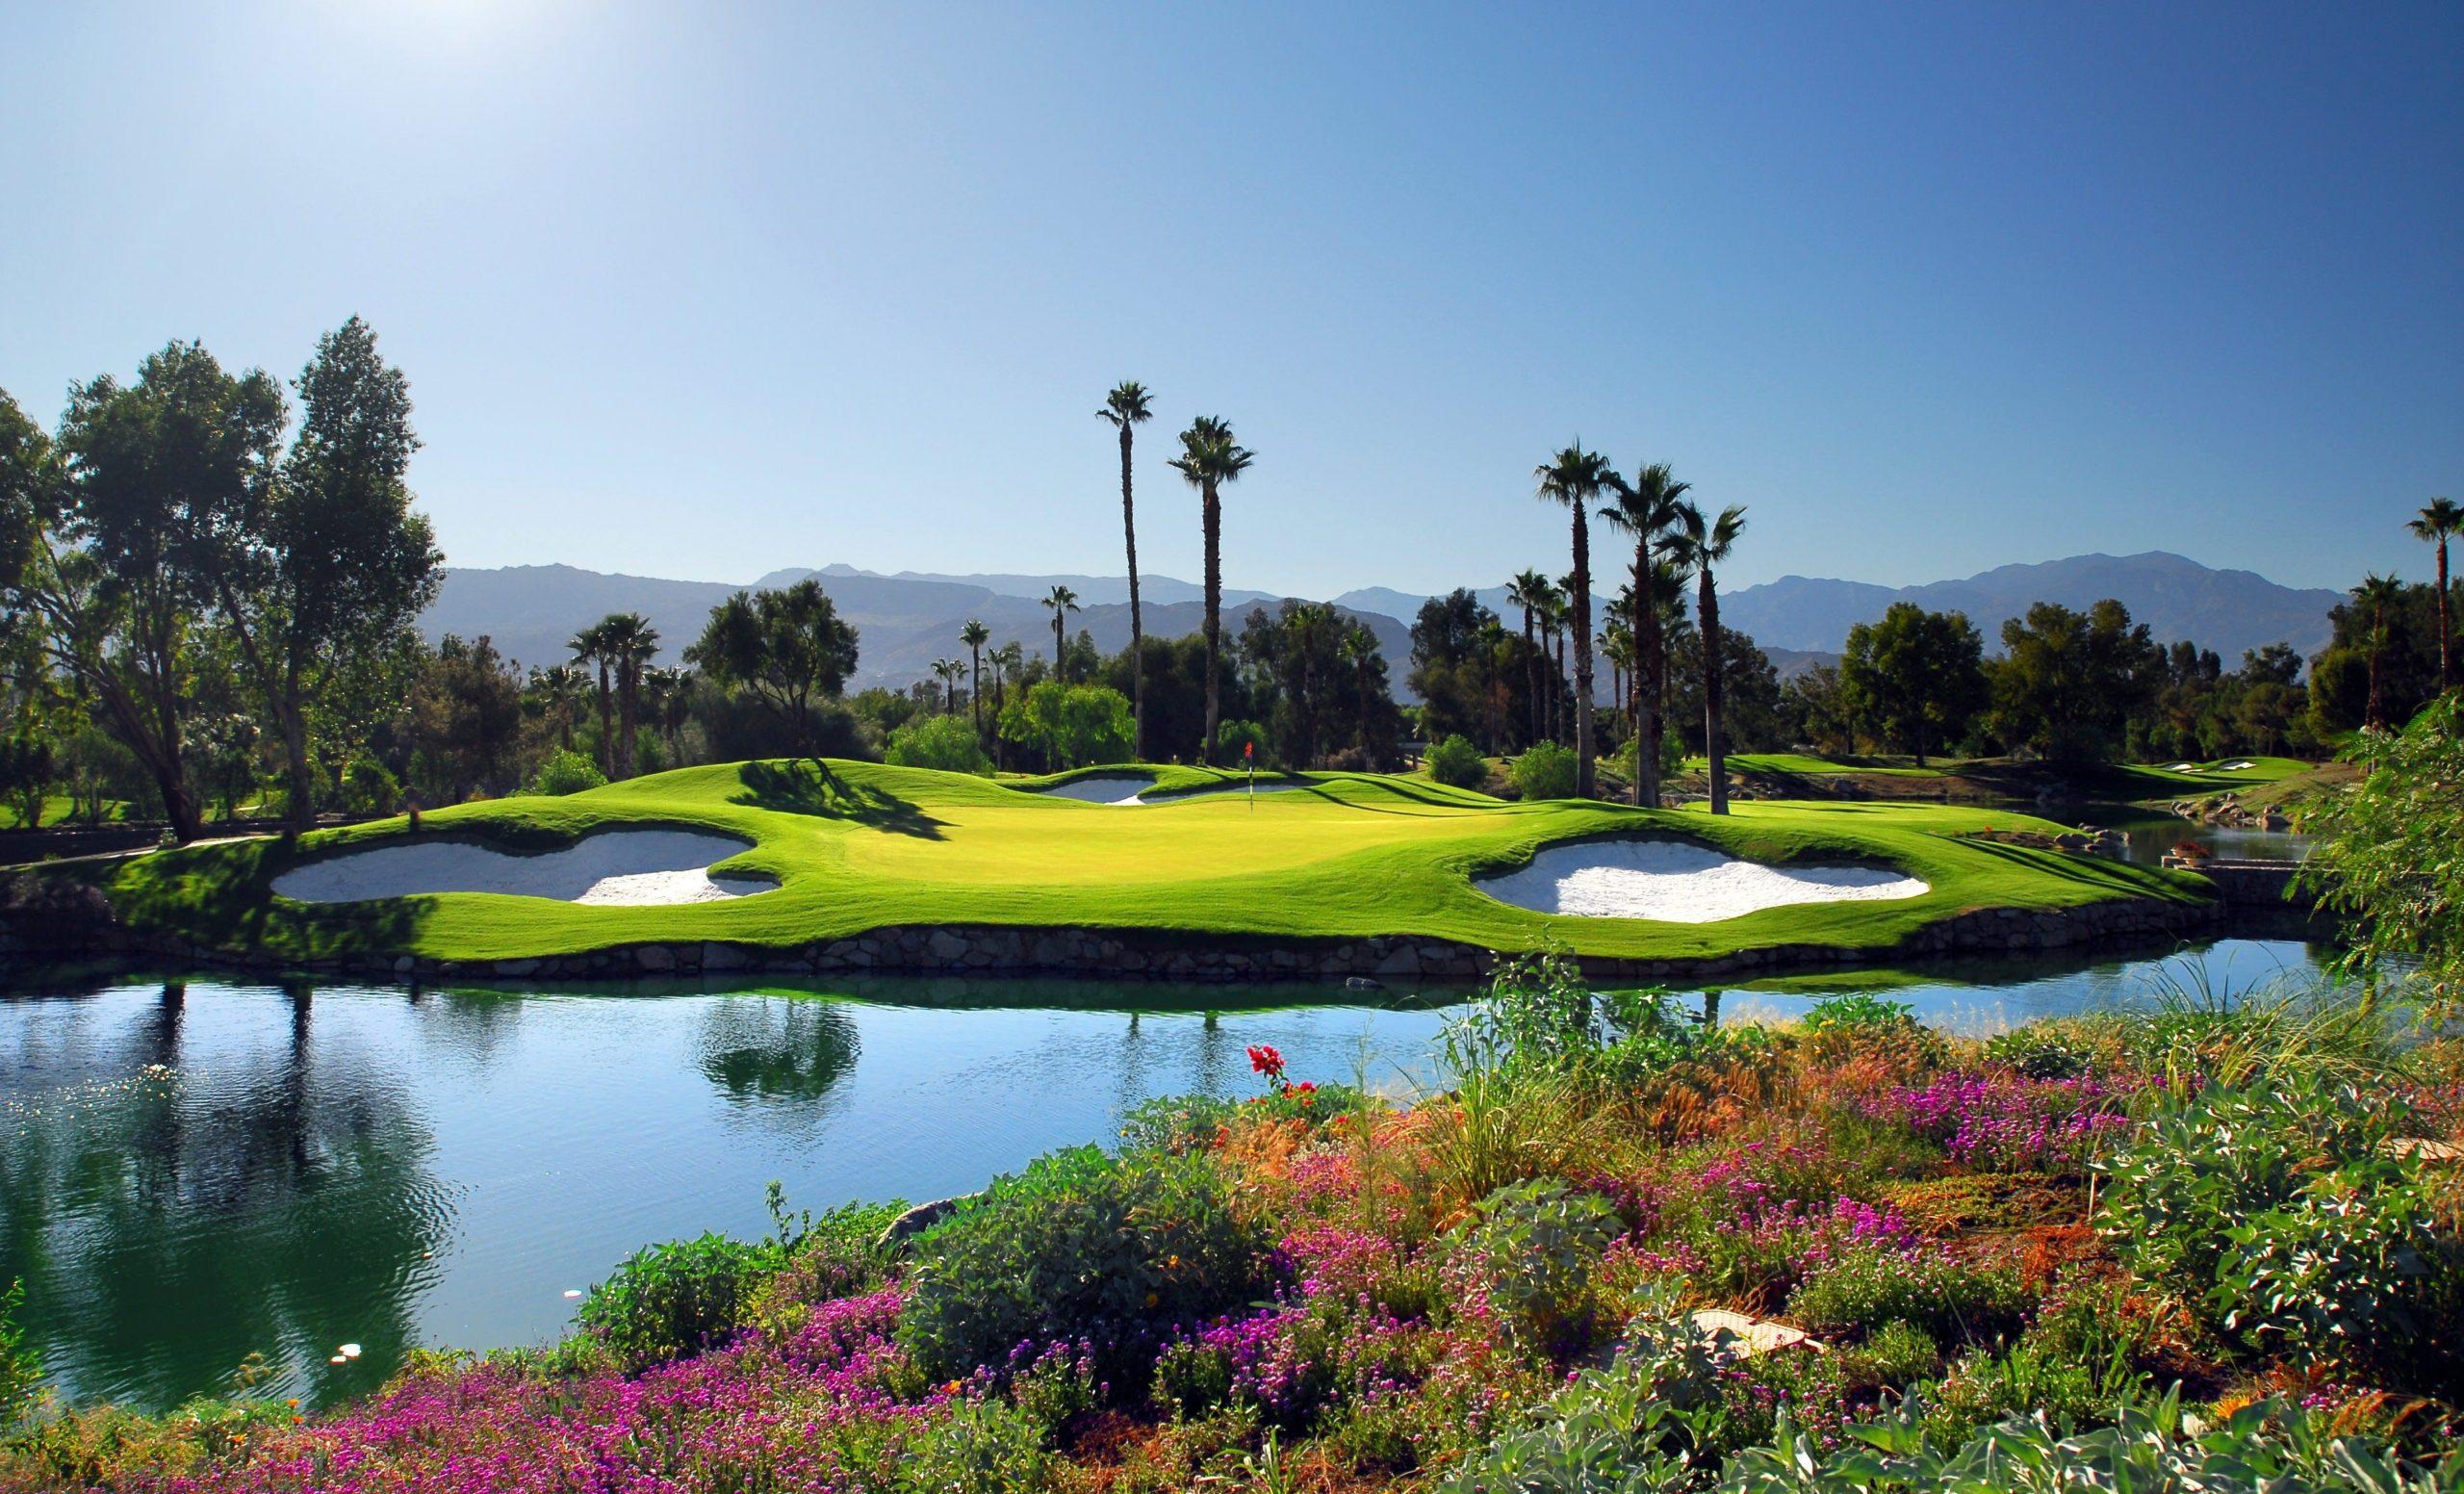 golf course wallpaper hd